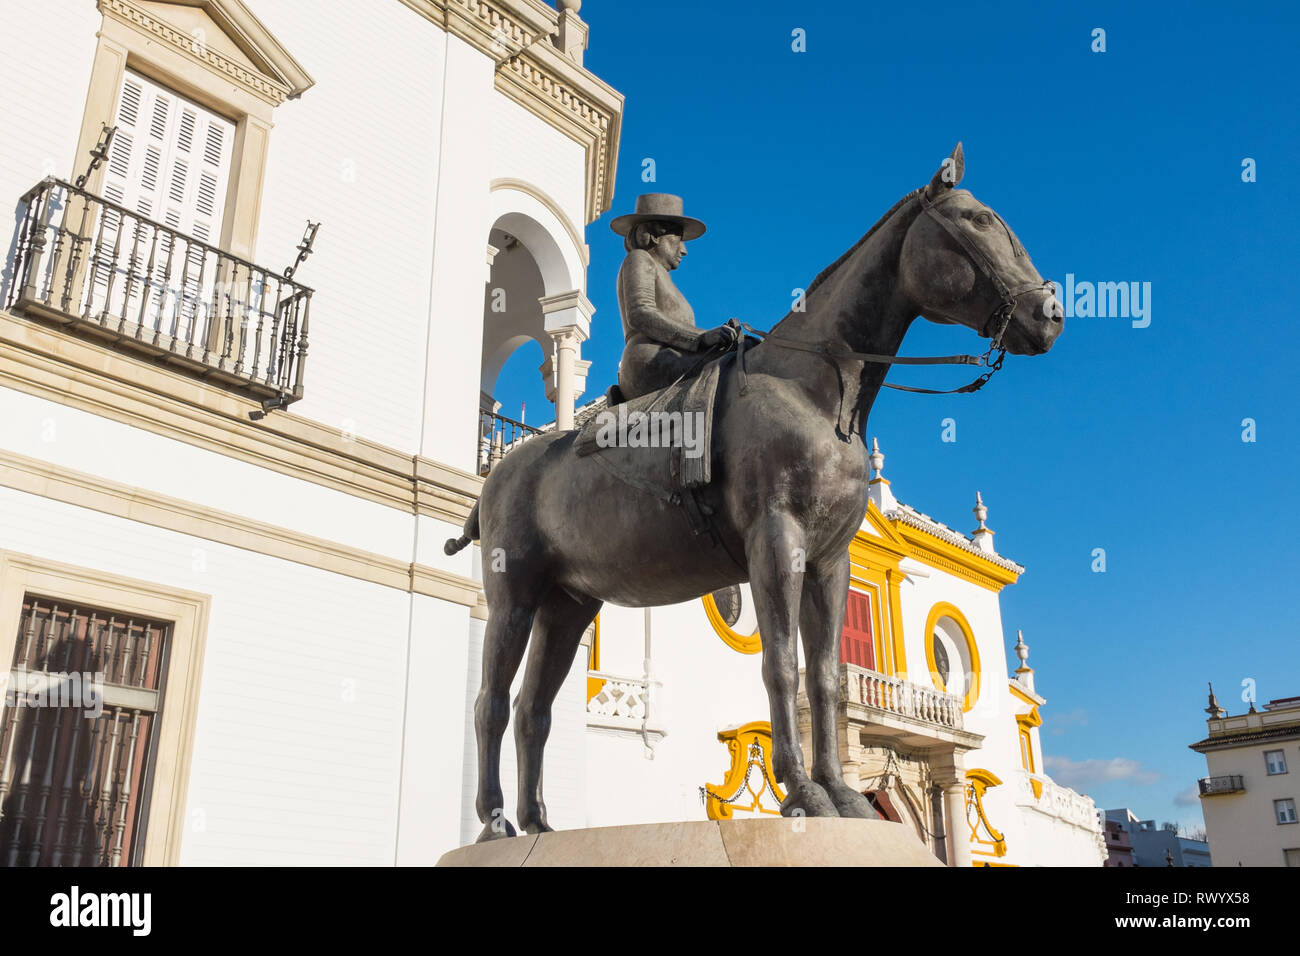 Statue outside Plaza de toros de la real maestranza de caballería de Sevilla or Seville Bullring arena - Stock Image